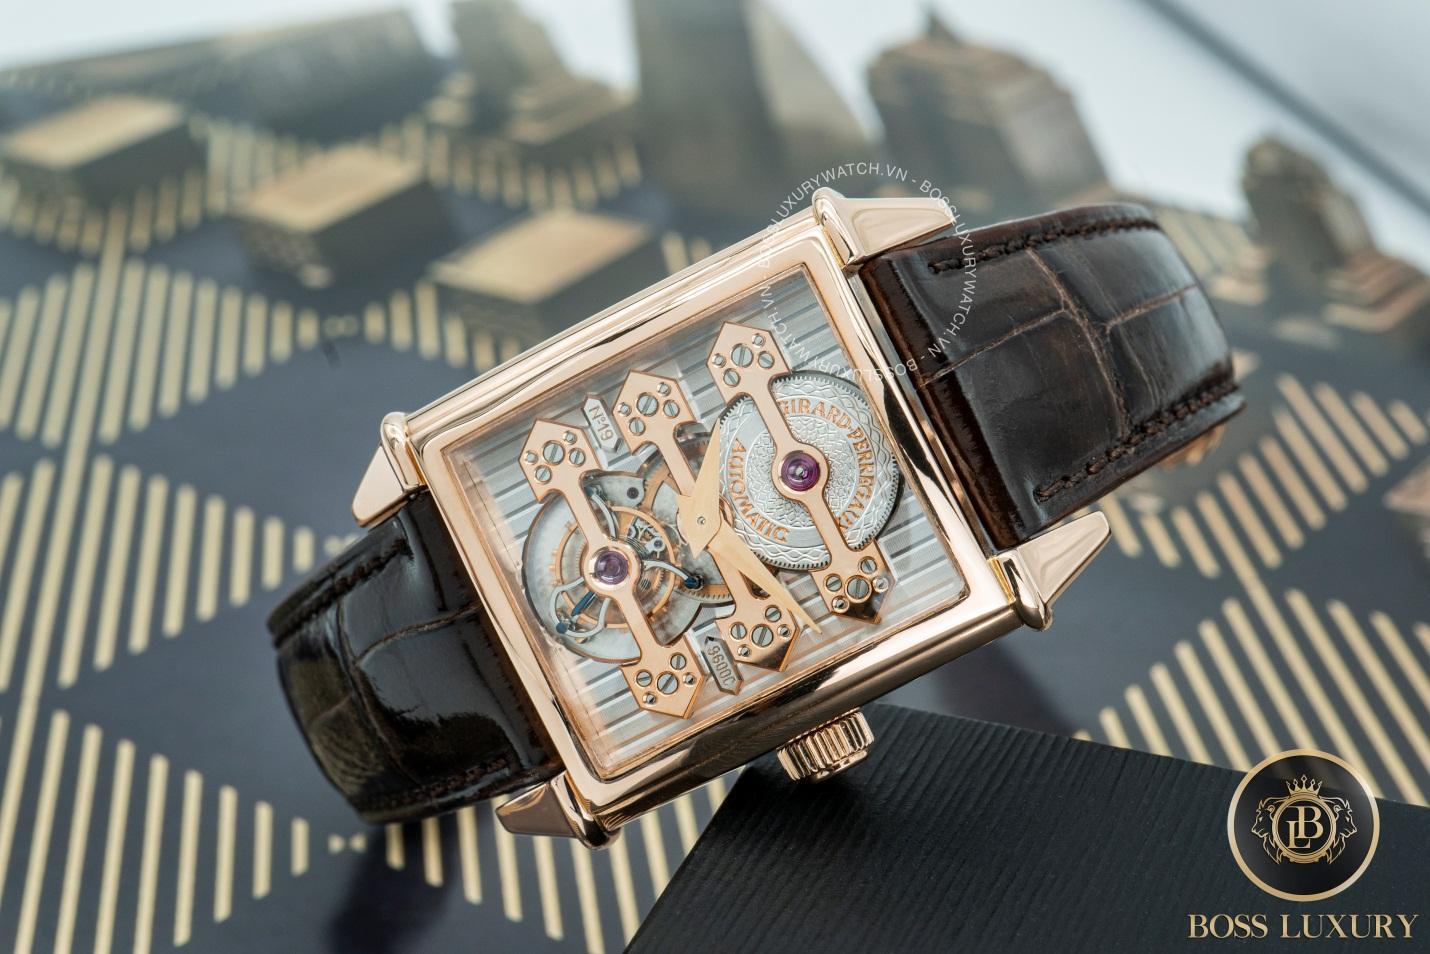 Boss Luxury mách bạn 5 mẫu đồng hồ nam tuyệt đẹp theo từng phong cách - Ảnh 1